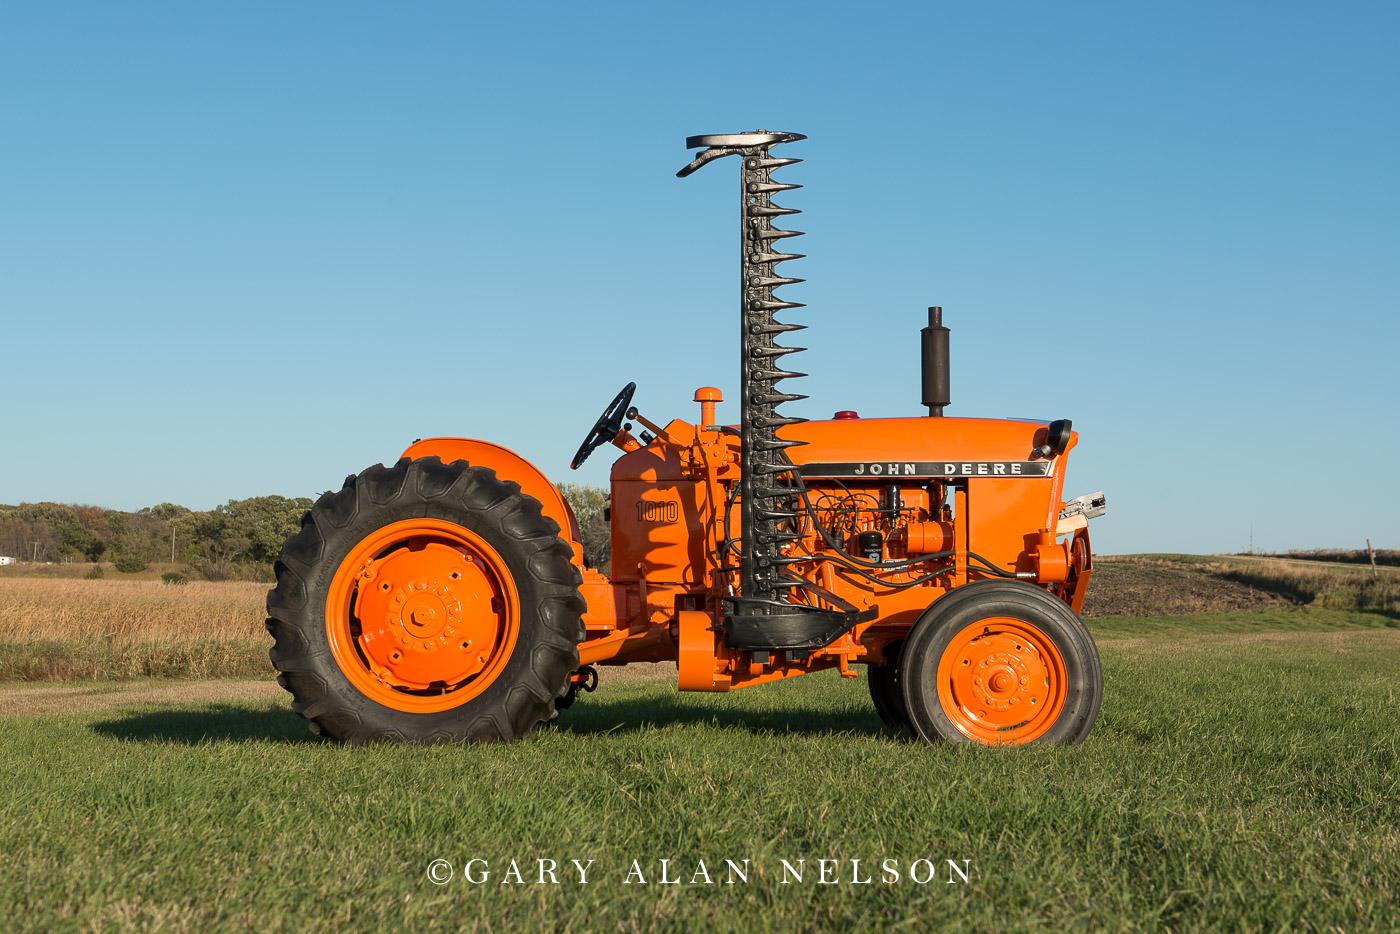 1965 John Deere 1010U Highway Orange. John Deere 310 M Power Mower